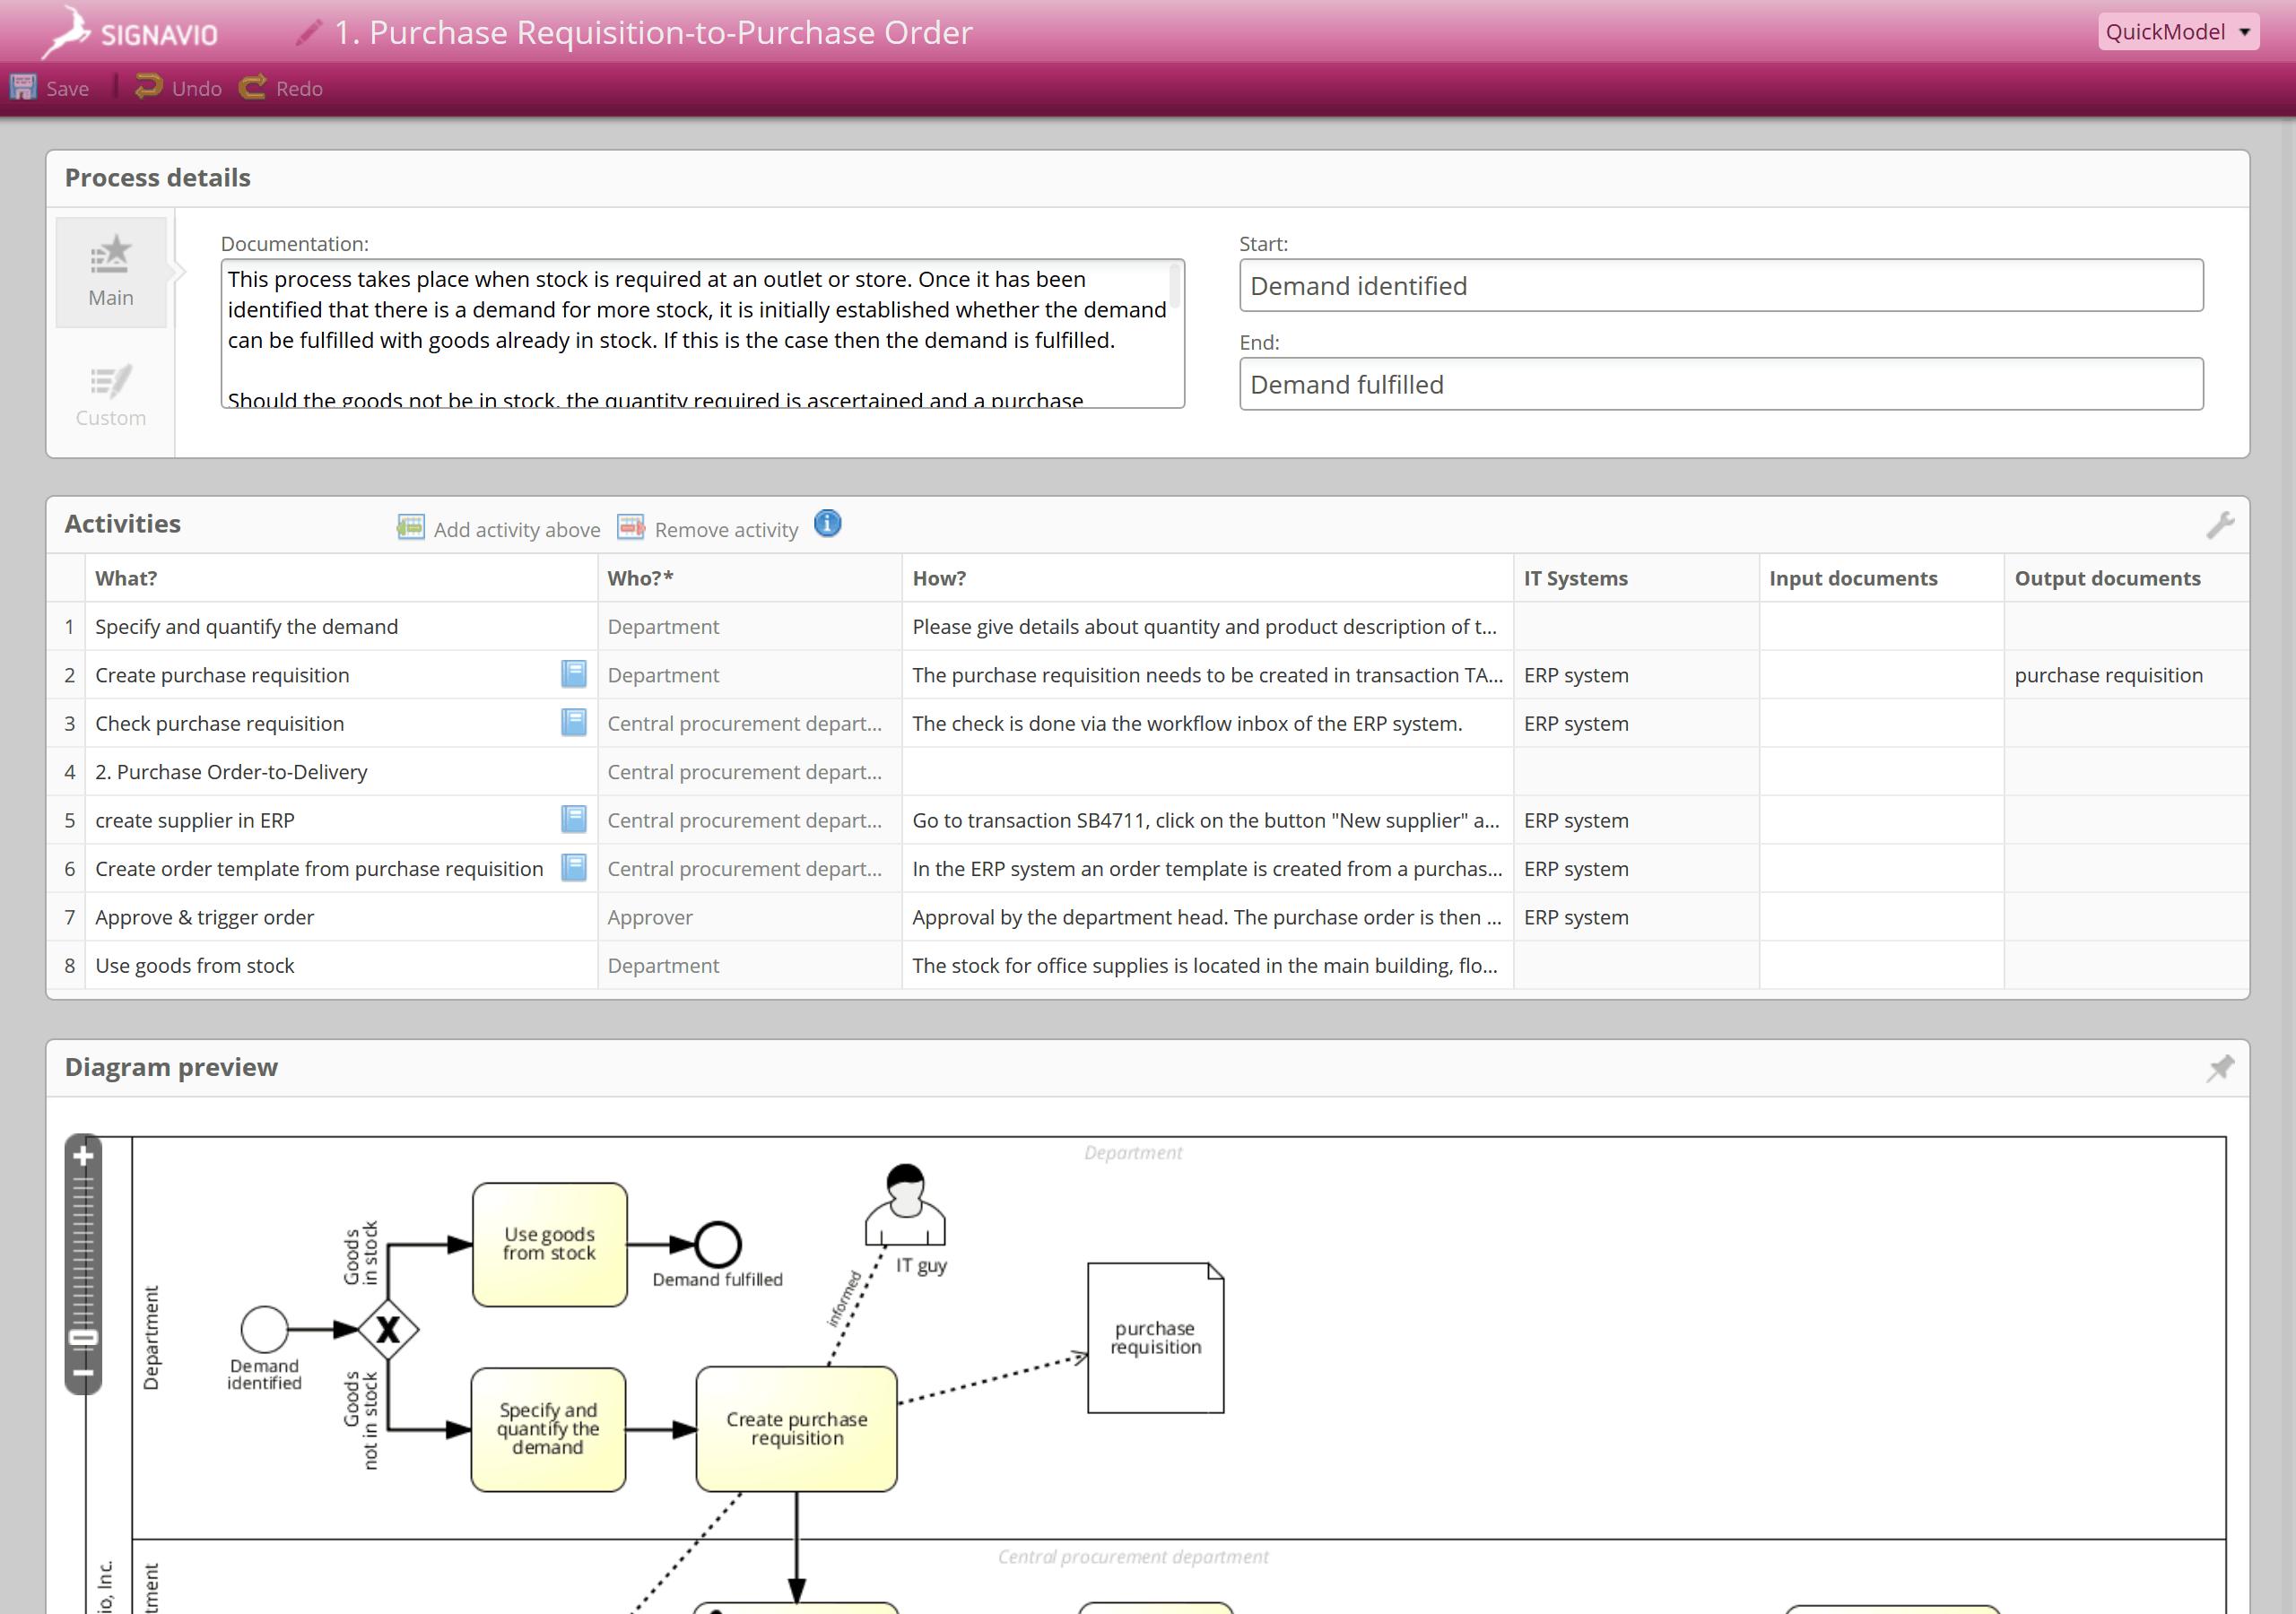 Visio Alternative - Signavio QuickModel - Screenshot